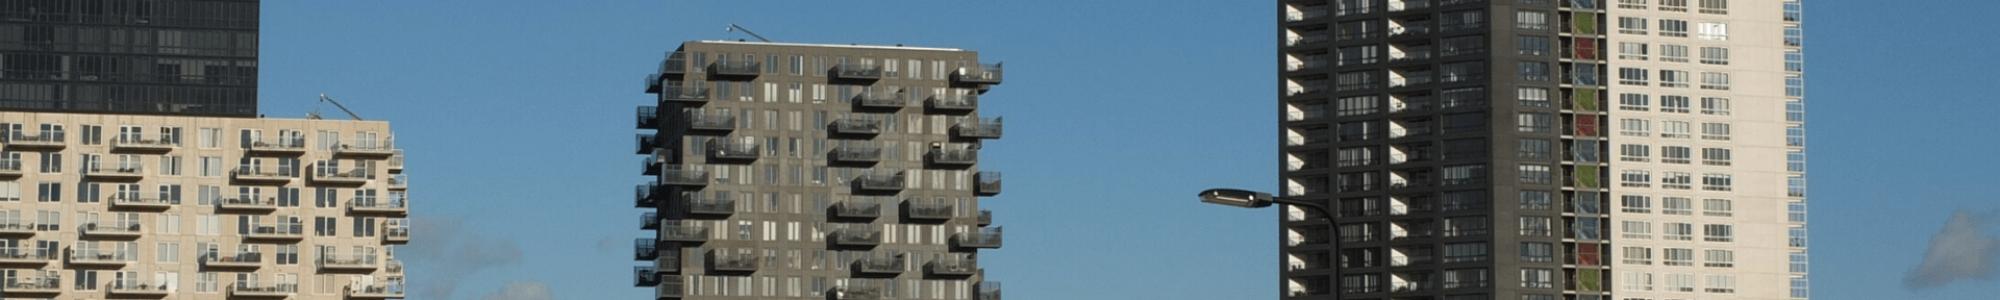 gebouw1